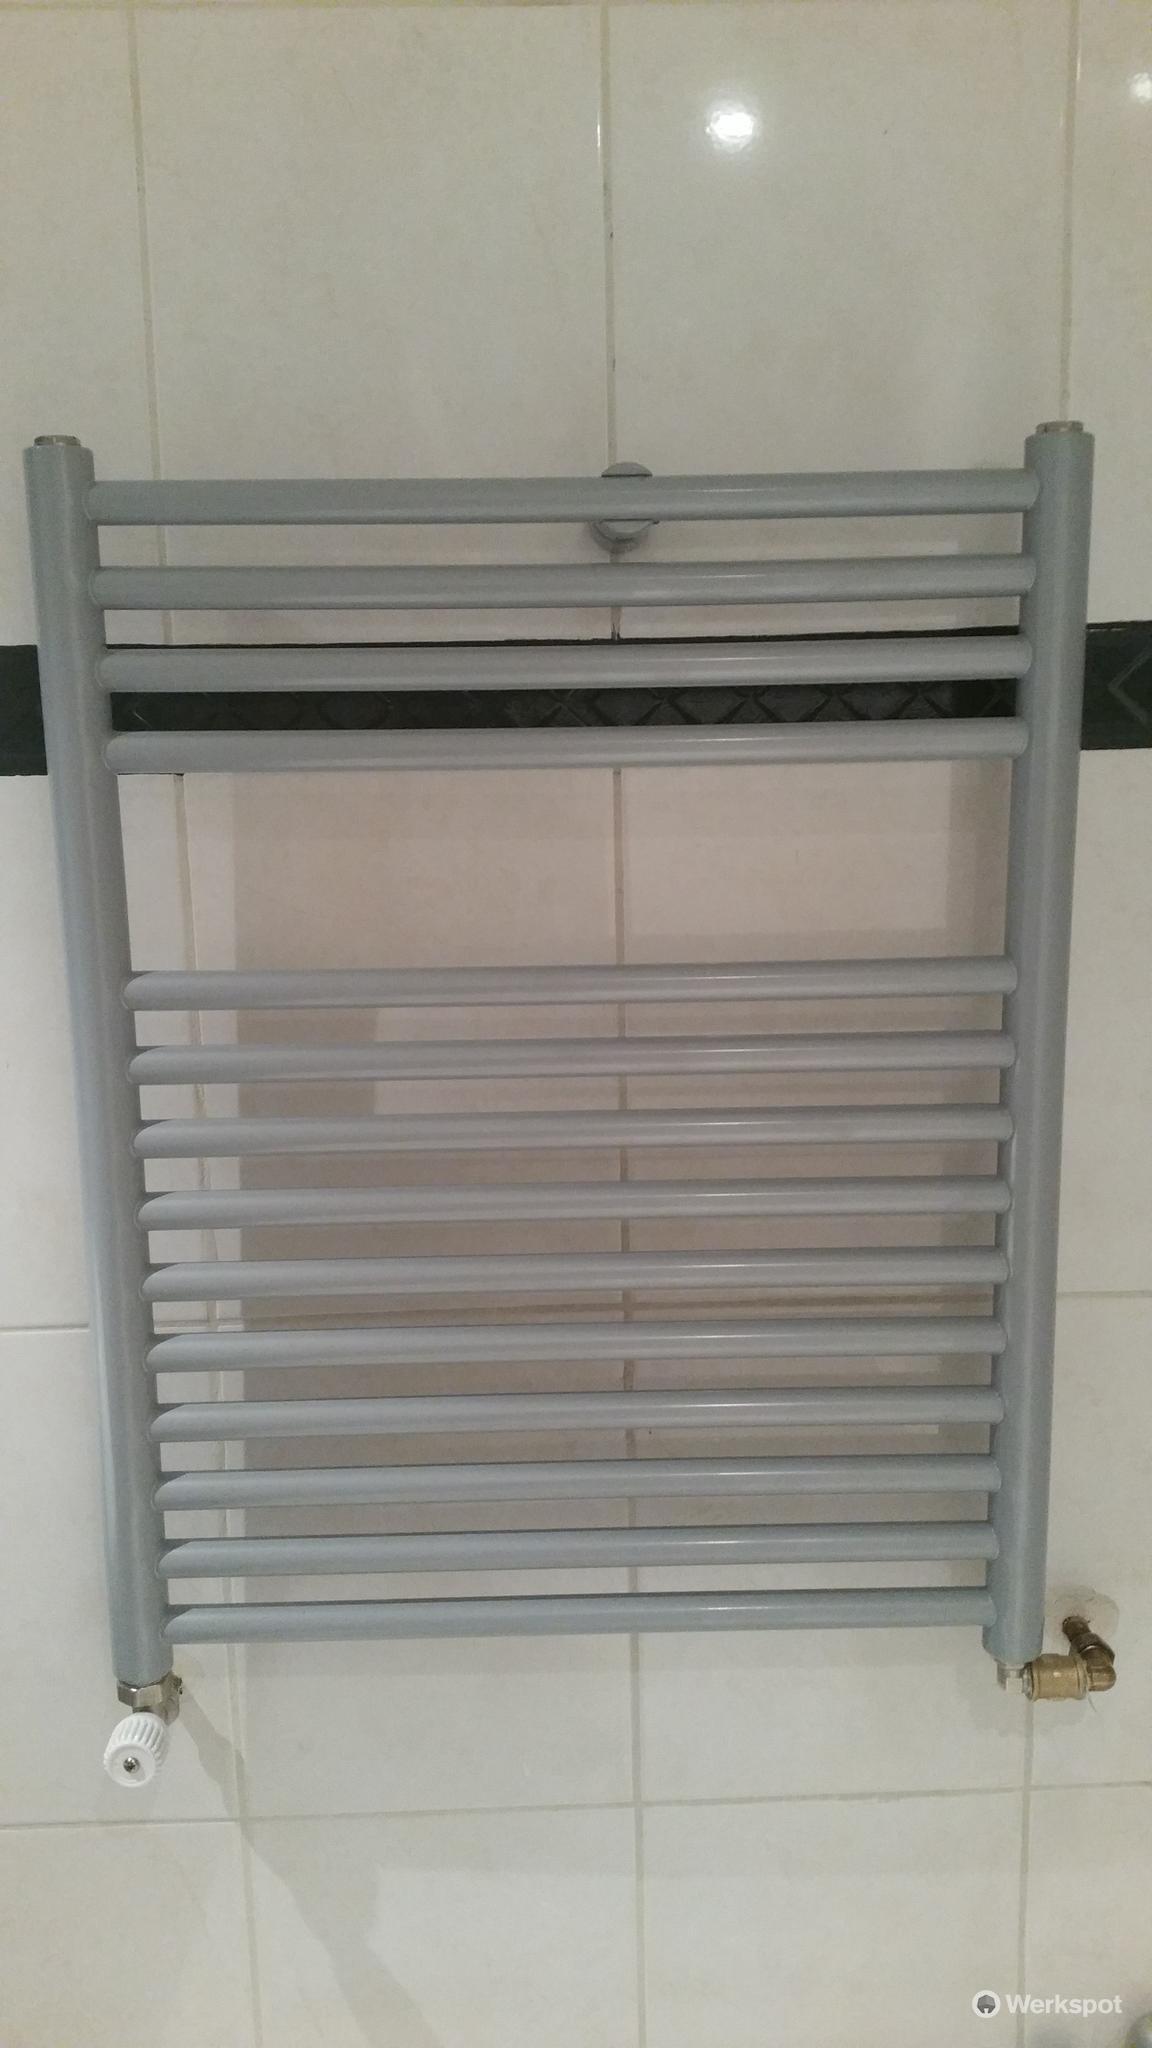 Ophangen en aansluiten badkamer radiator. - Werkspot